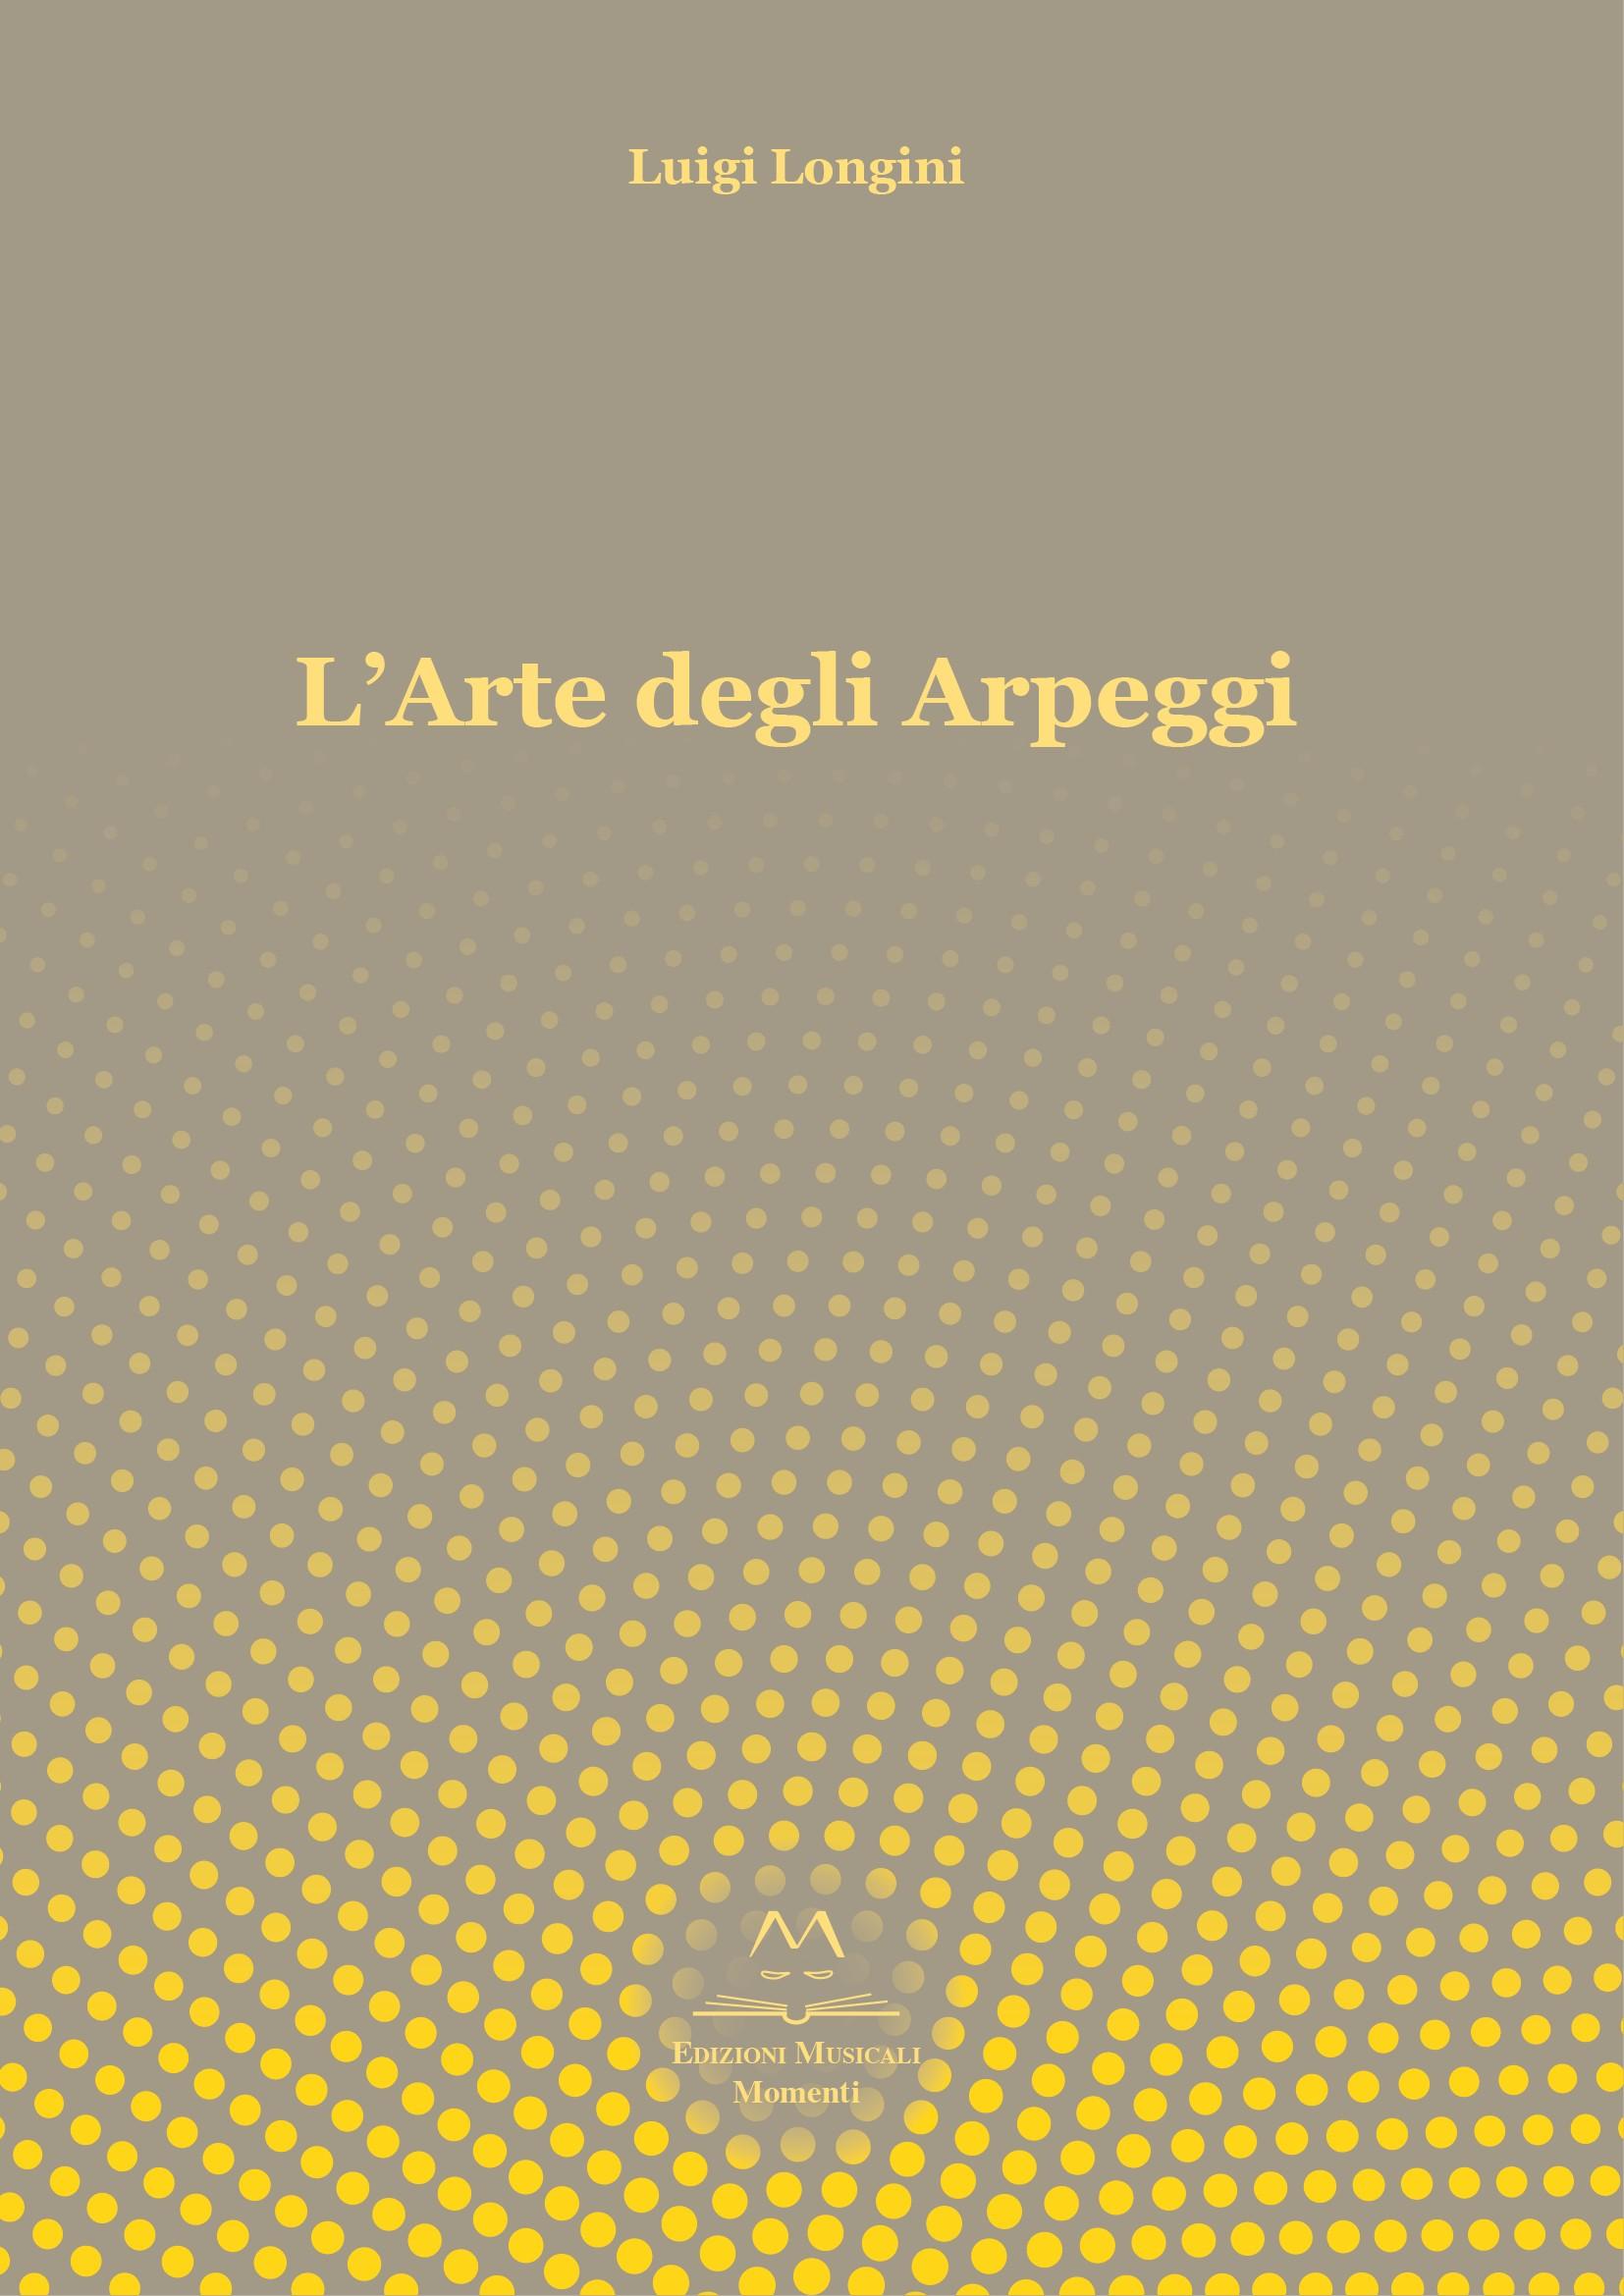 L'Arte degli Arpeggi di Luigi Longini